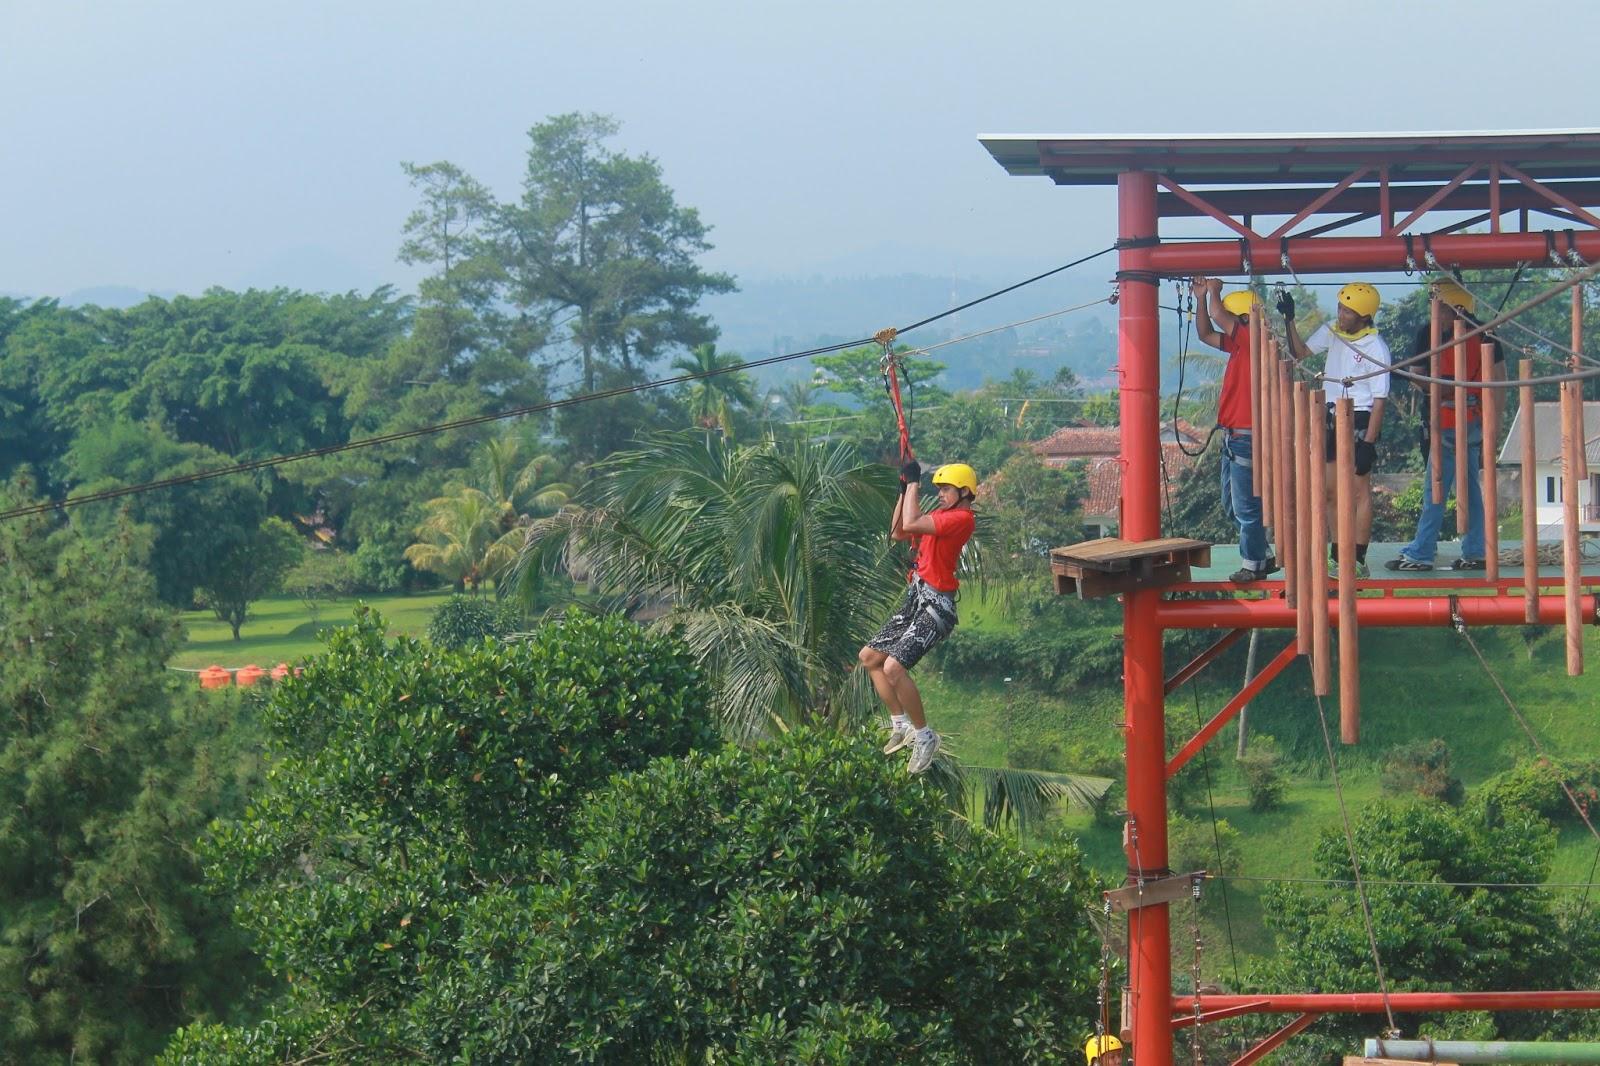 Tempat Wisata Outbound Bogor Tempat Wisata Indonesia